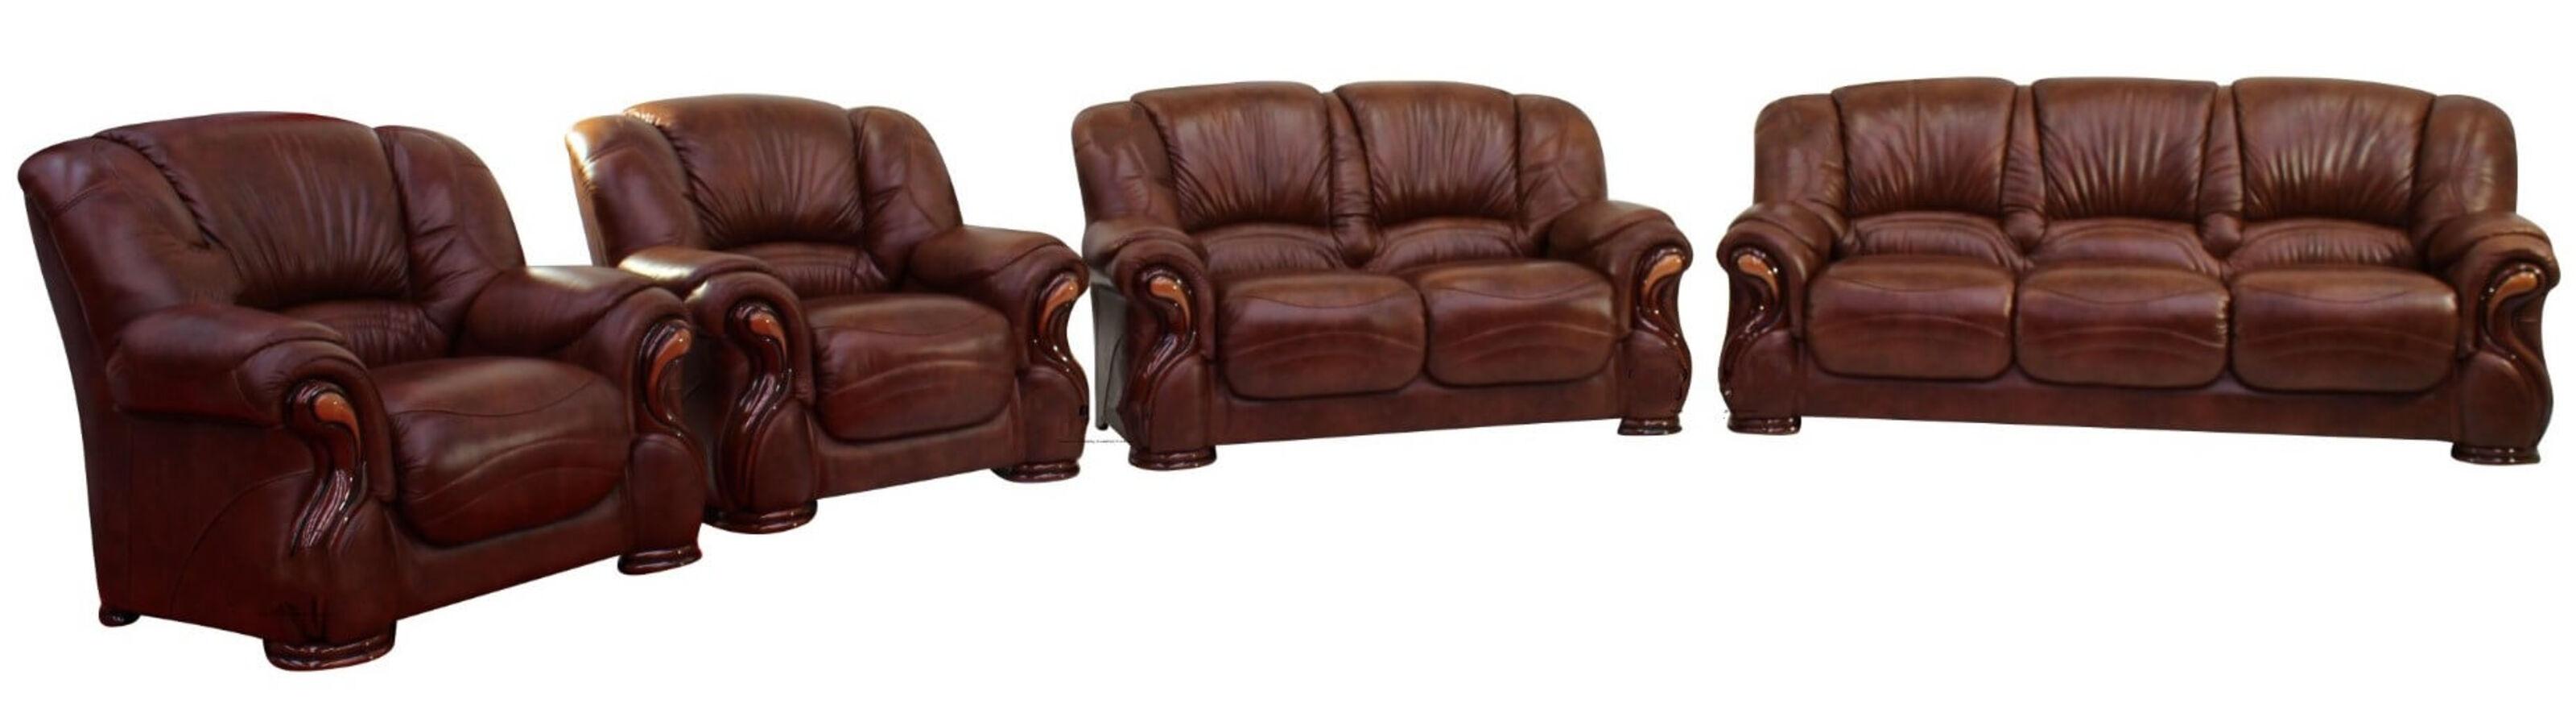 Susanna 3 2 1 1 Italian Leather Sofa Suite Tabak Brown Offer